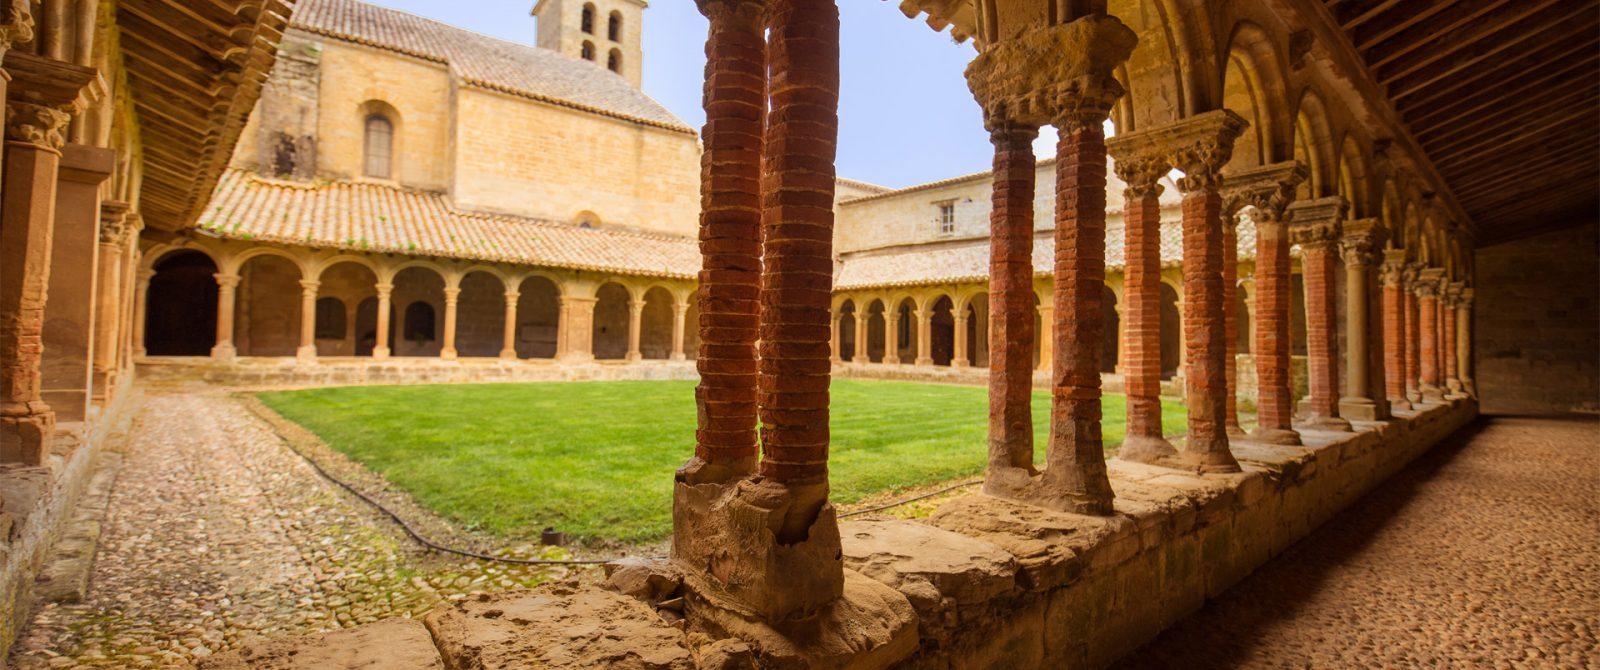 Visite de l'abbaye de Saint-Papoul ©Vincent Photographie-Conseil Départemental de l'Aude